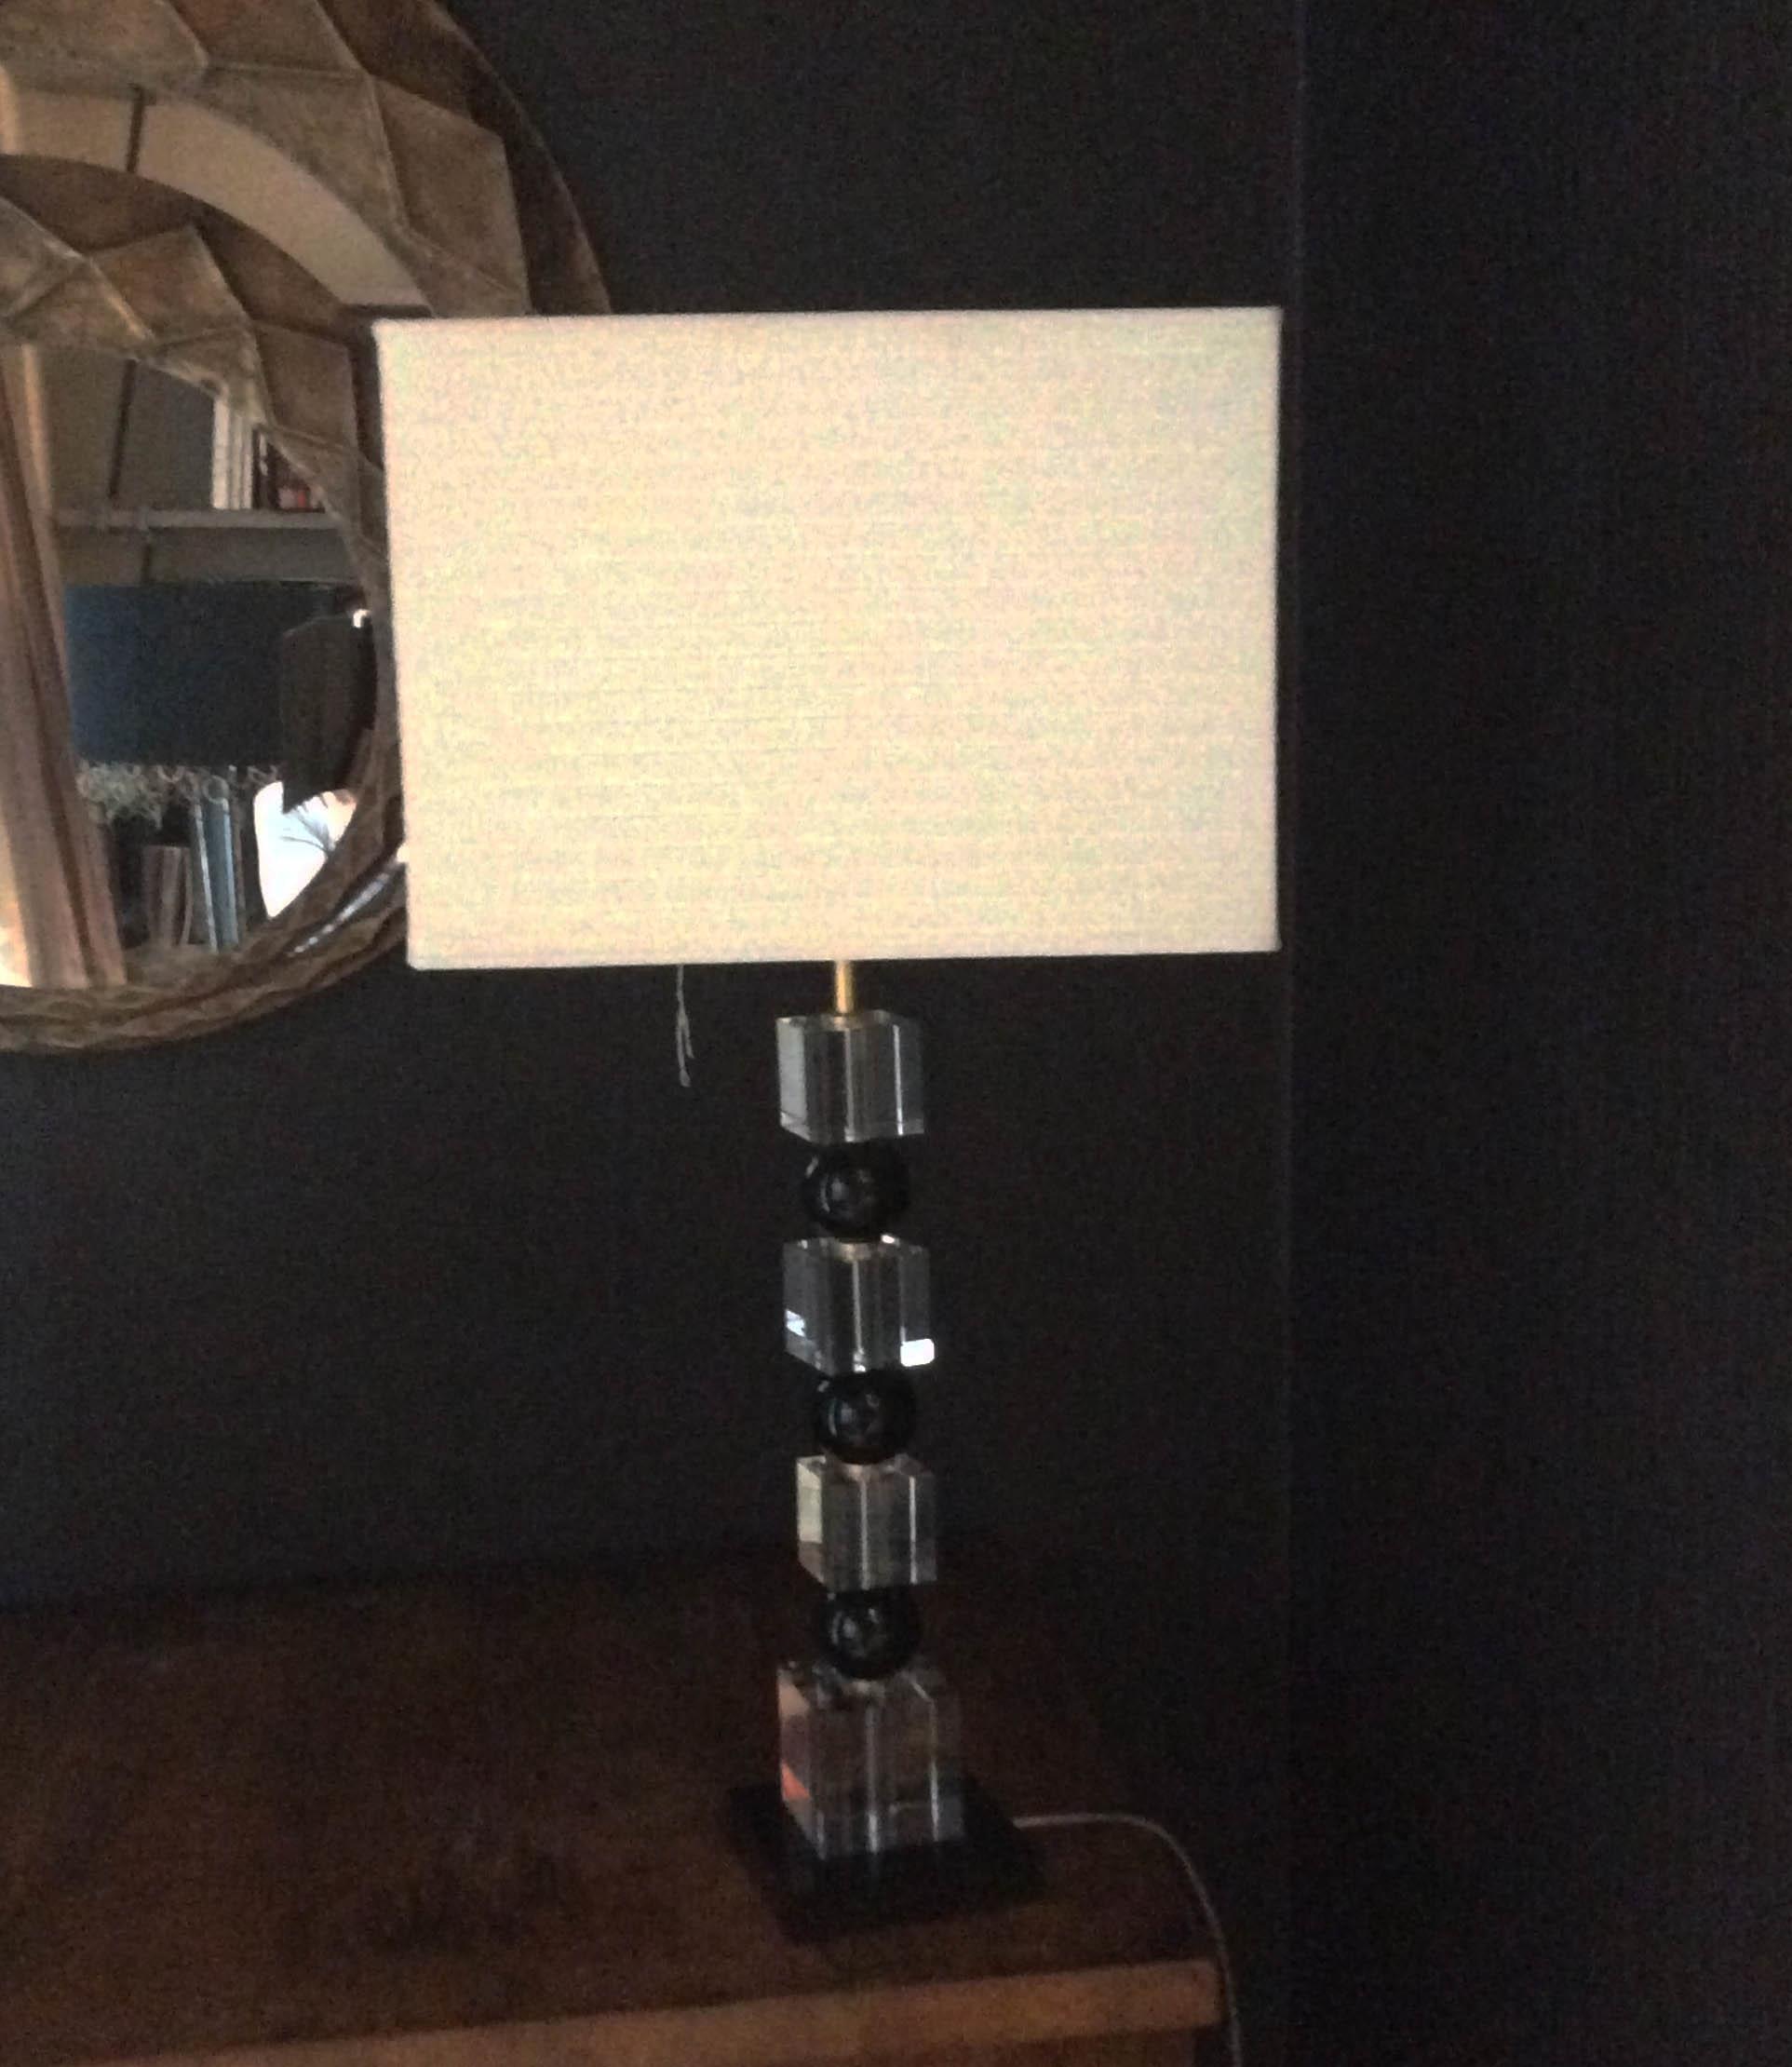 Illuminazione Lampada con paralume Lampade da tavolo - Illuminazione a prezzi...